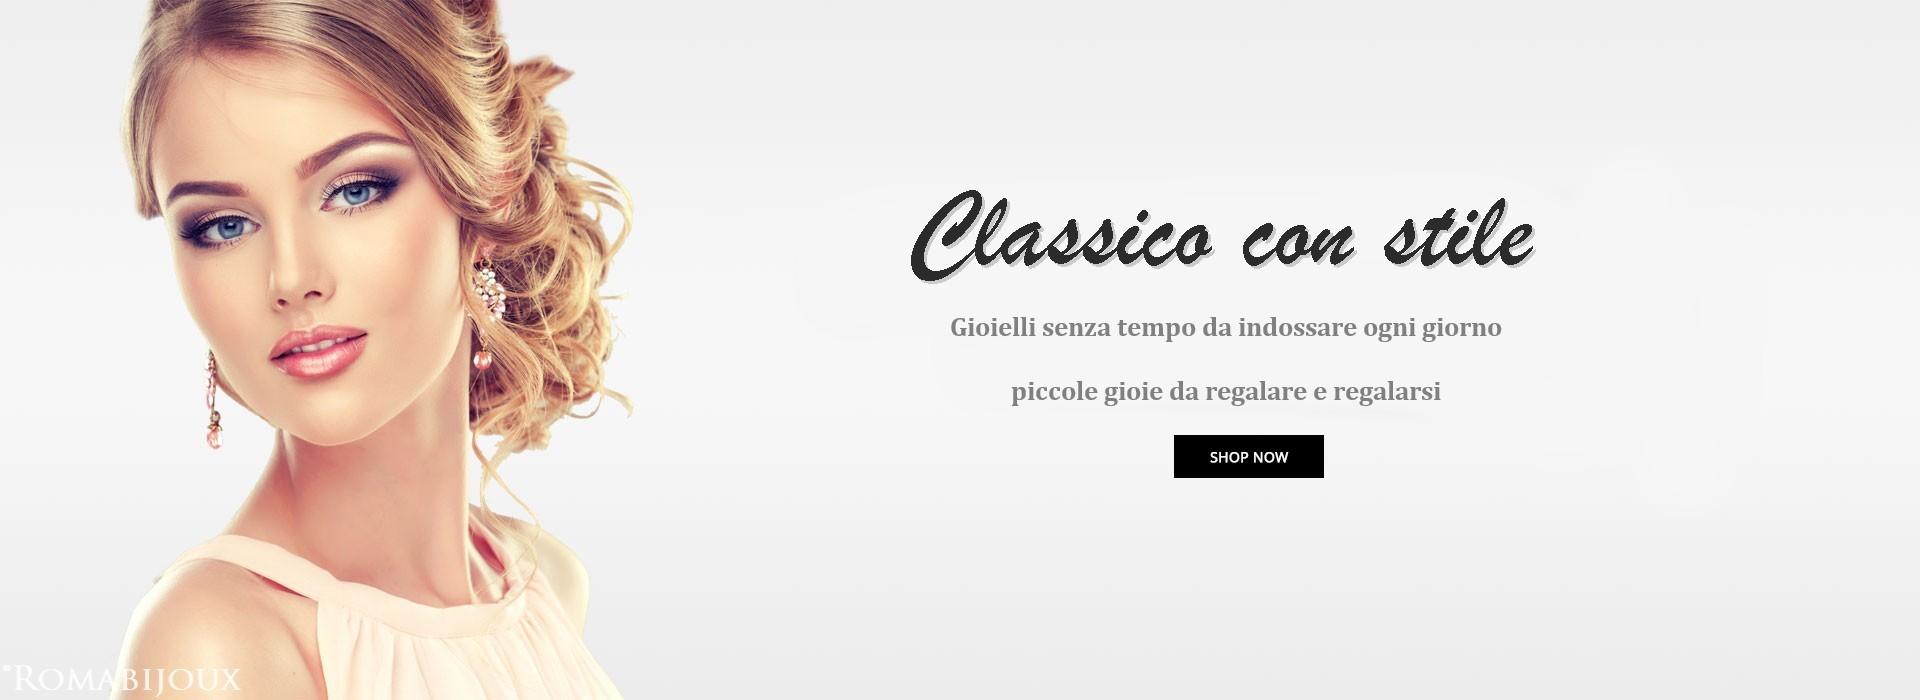 gioielli classici